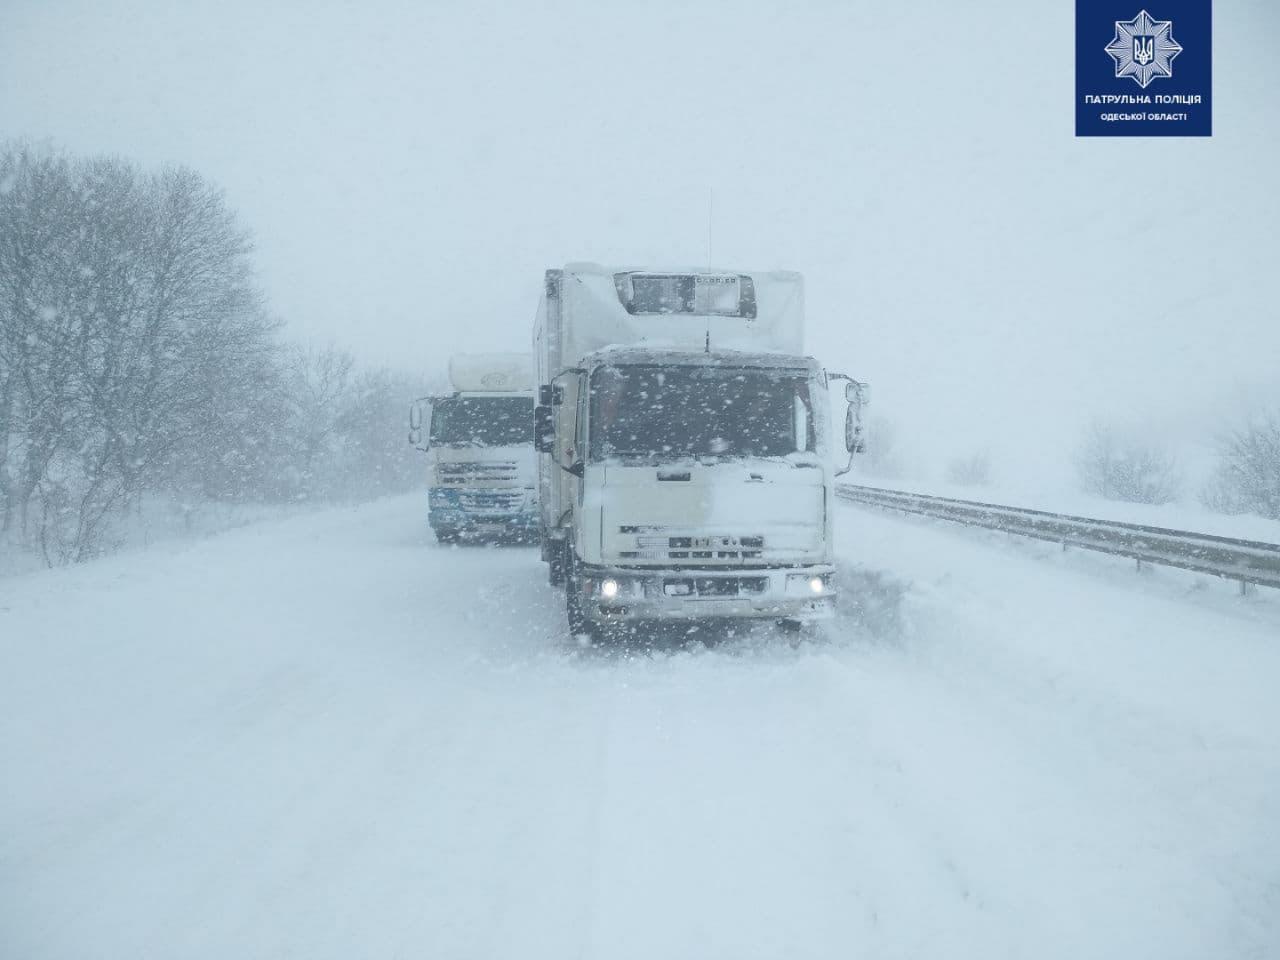 Второй день снегопада в Одессе: хроника событий . Фото: патрульная полиция